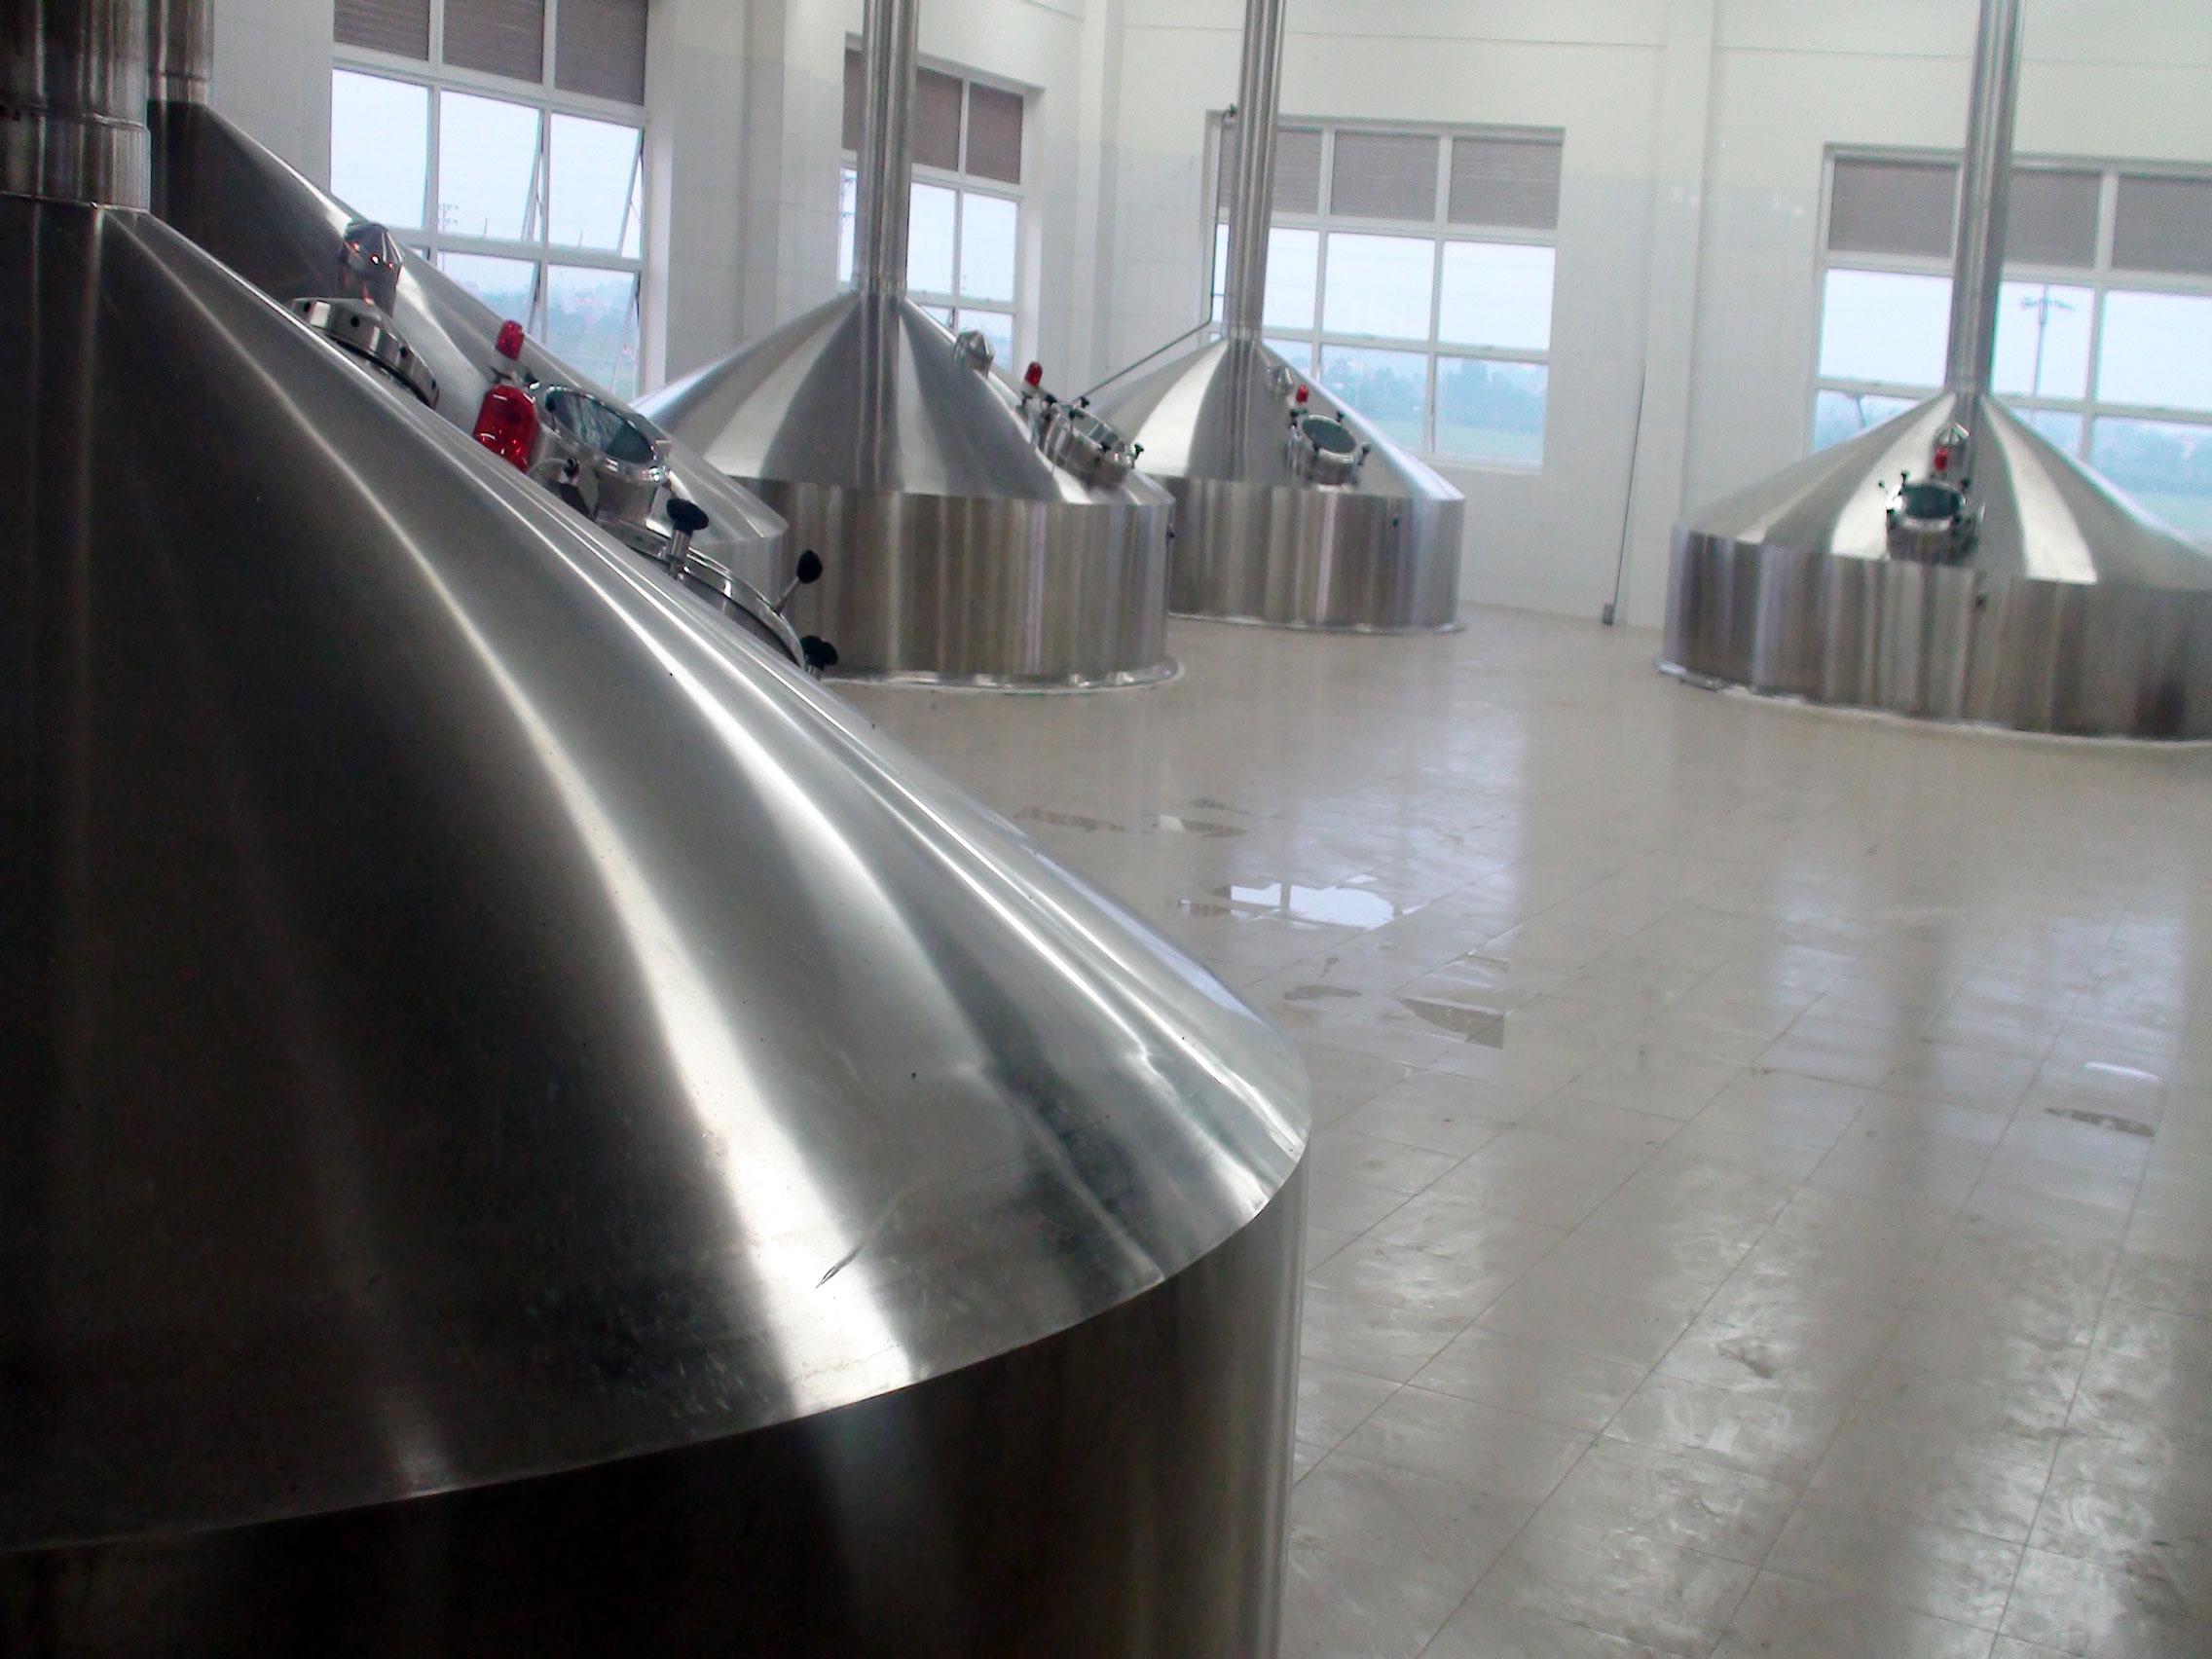 Dự án chế tạo và lắp đặt đồng bộ nhà máy bia Sài Gòn - Phú Thọ